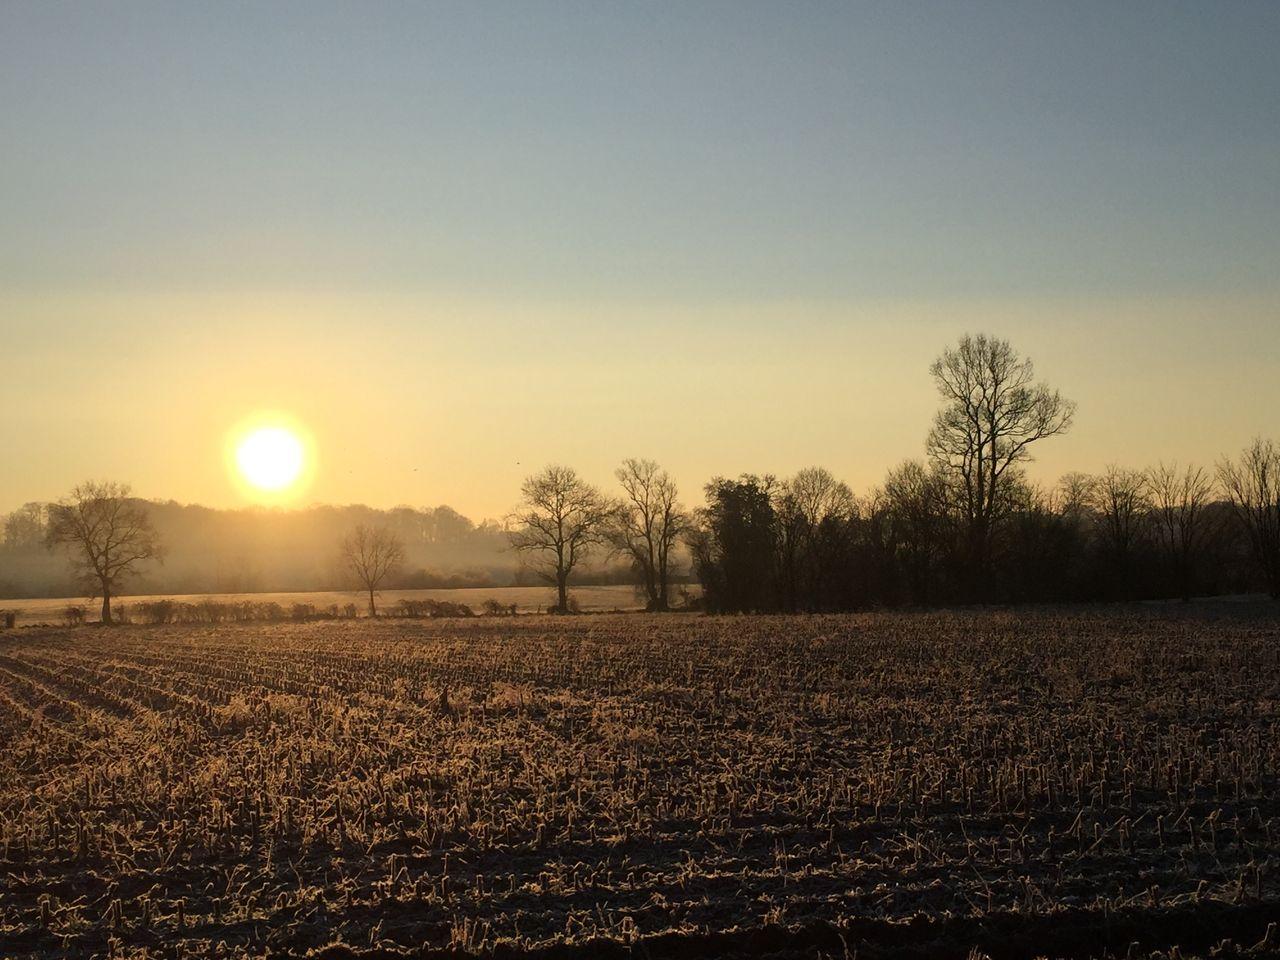 Baisse du mercure prévue : le retour du froid pour combien de temps ? - Tameteo.com